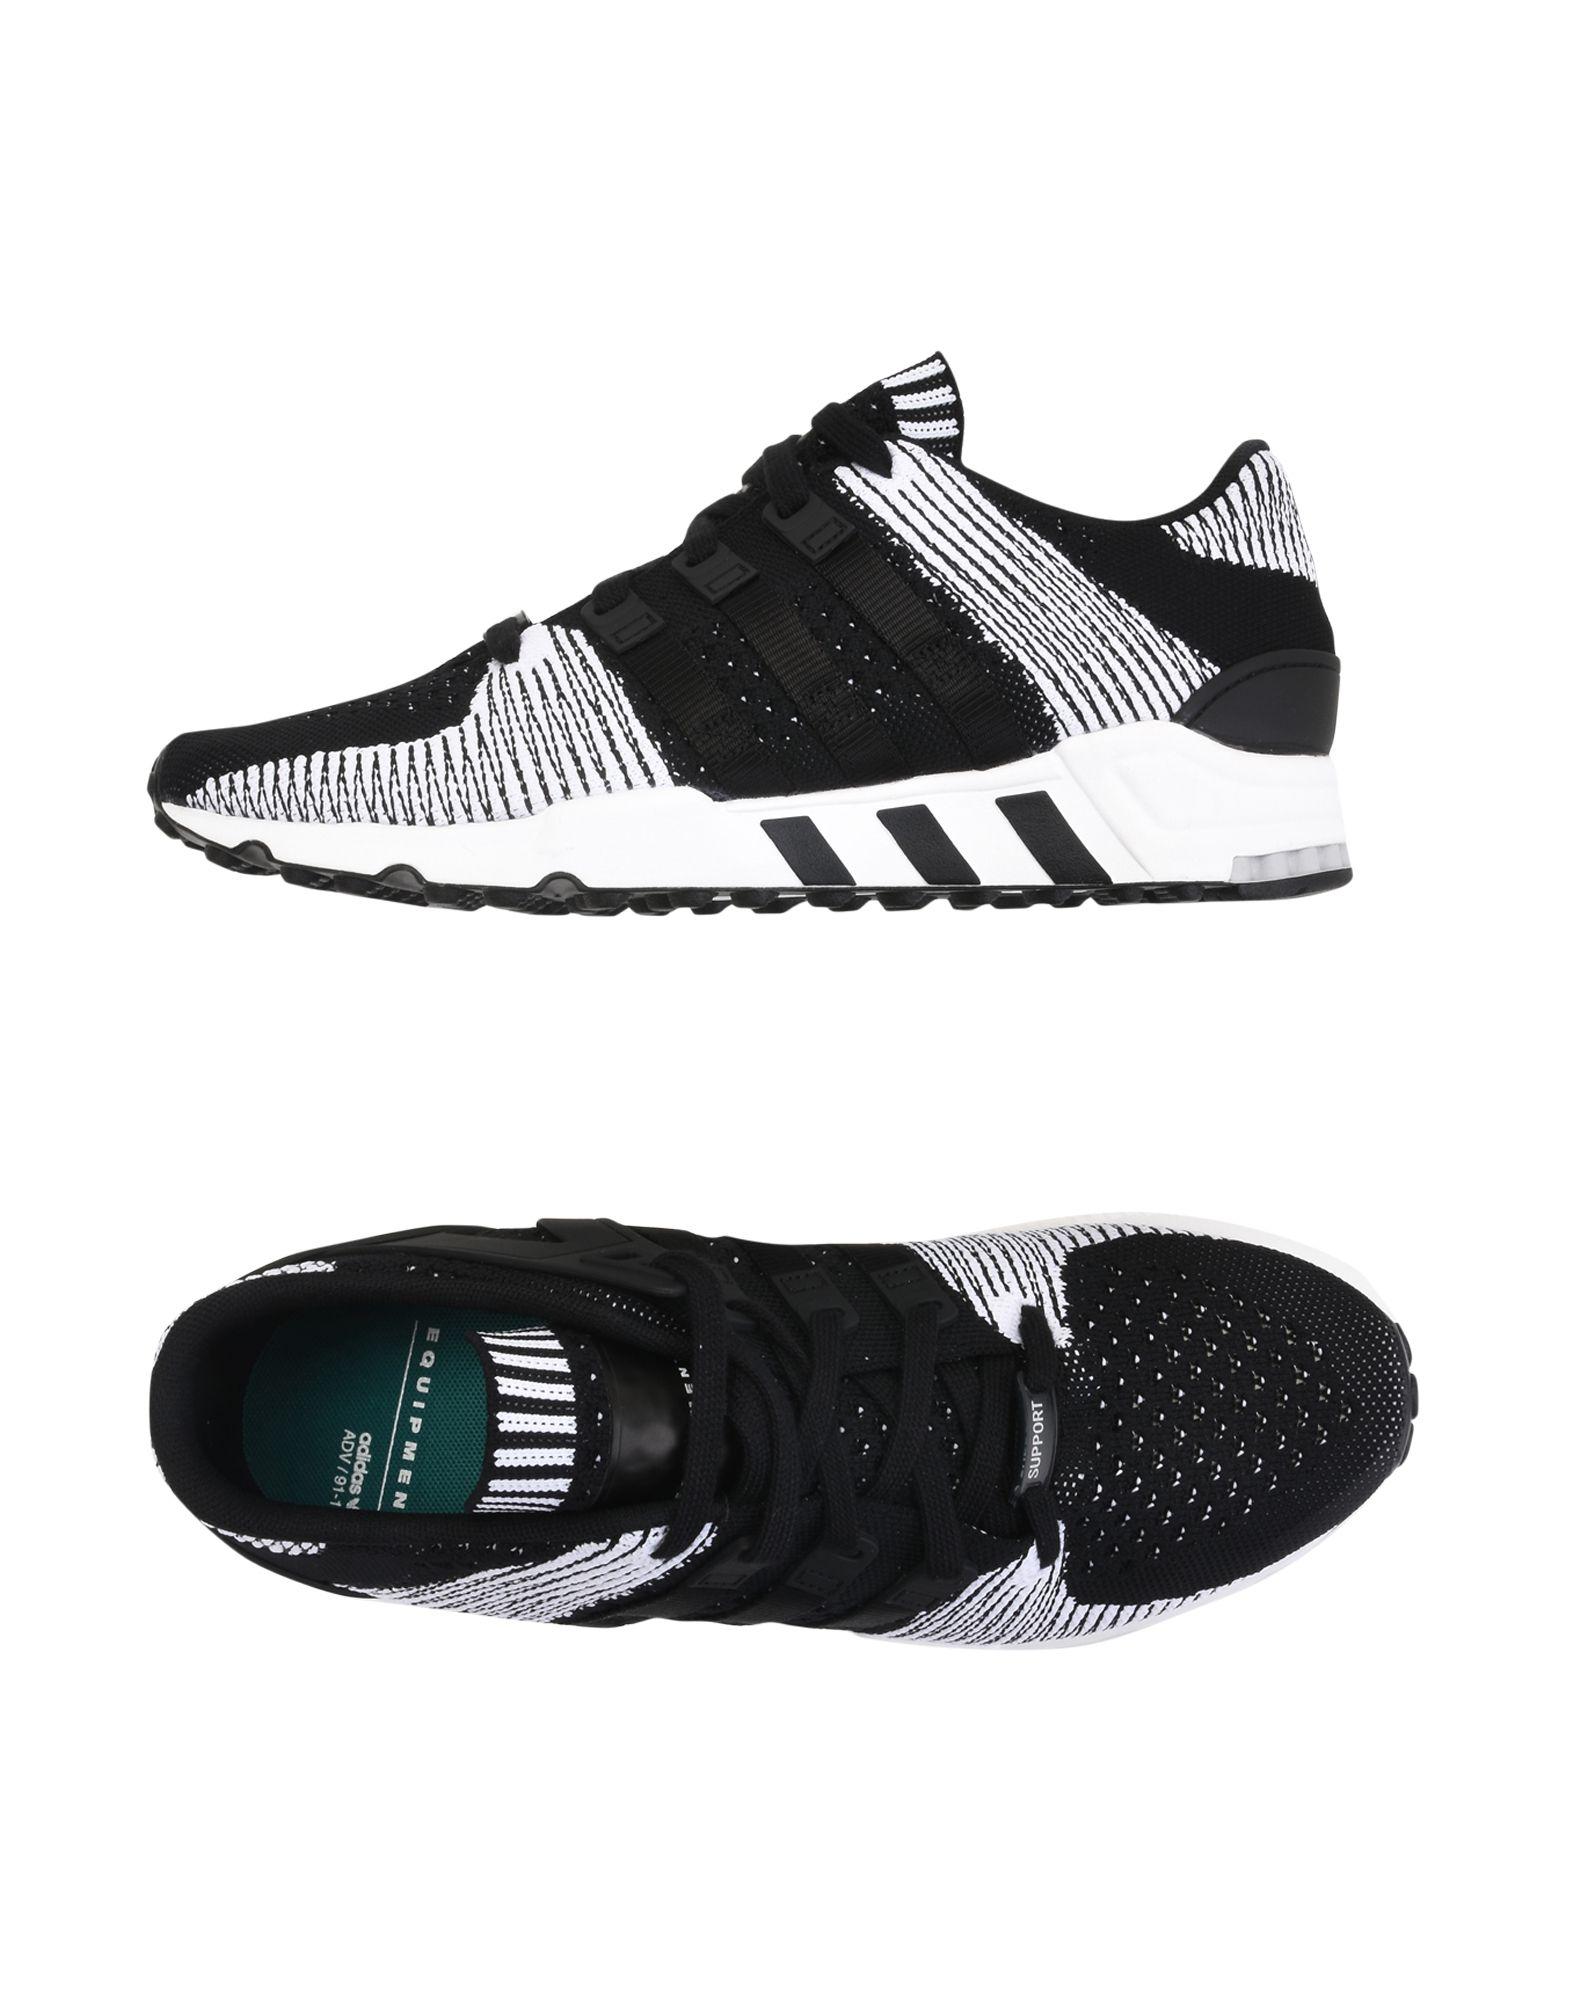 Adidas Originals Originals Adidas Eqt Support Rf Pk  11334480RI Heiße Schuhe 9a8f37